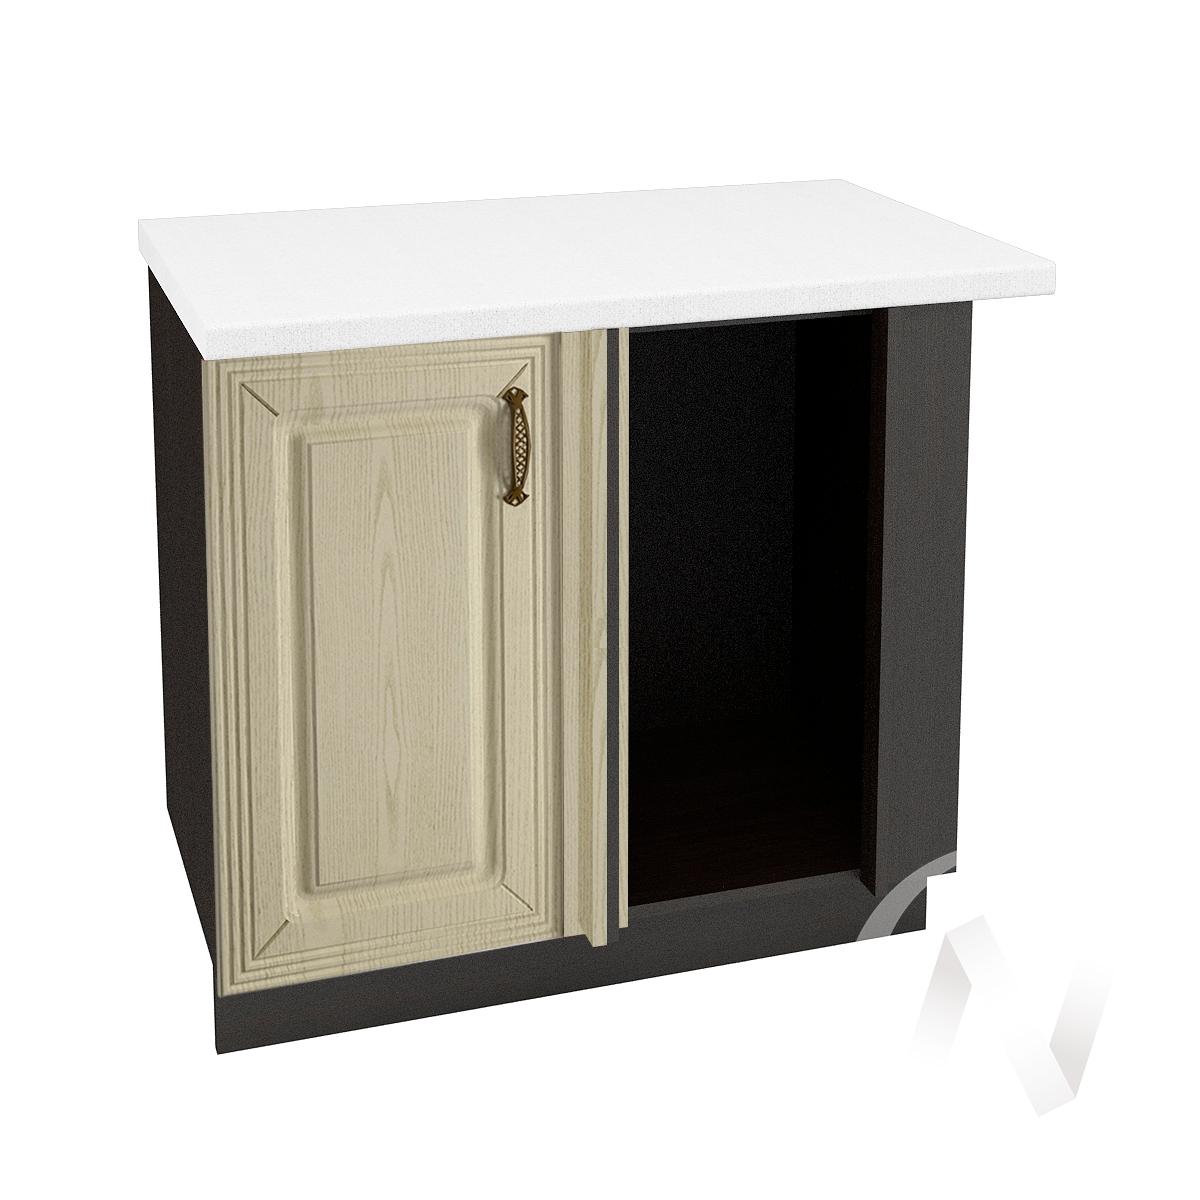 """Кухня """"Изабель"""": Шкаф нижний угловой 990, ШНУ 990 (корпус венге)"""